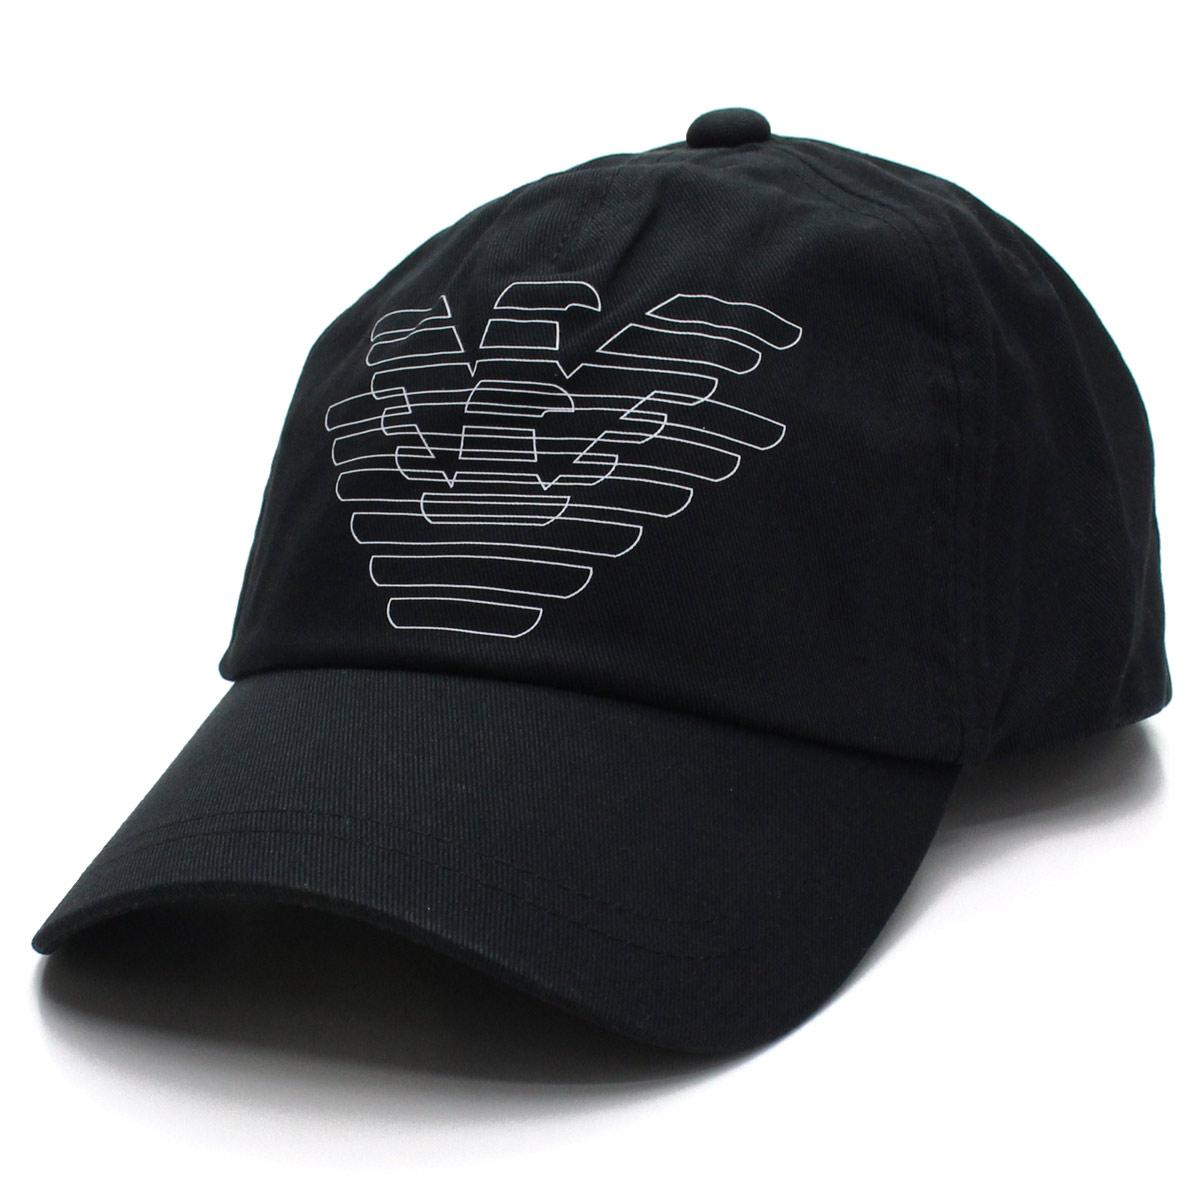 f7a5ad6f23a Bighit The total brand wholesale  Emporio Armani EMPORIO ARMANI eagle logo  cap 627523 9P555 00020 NERO black